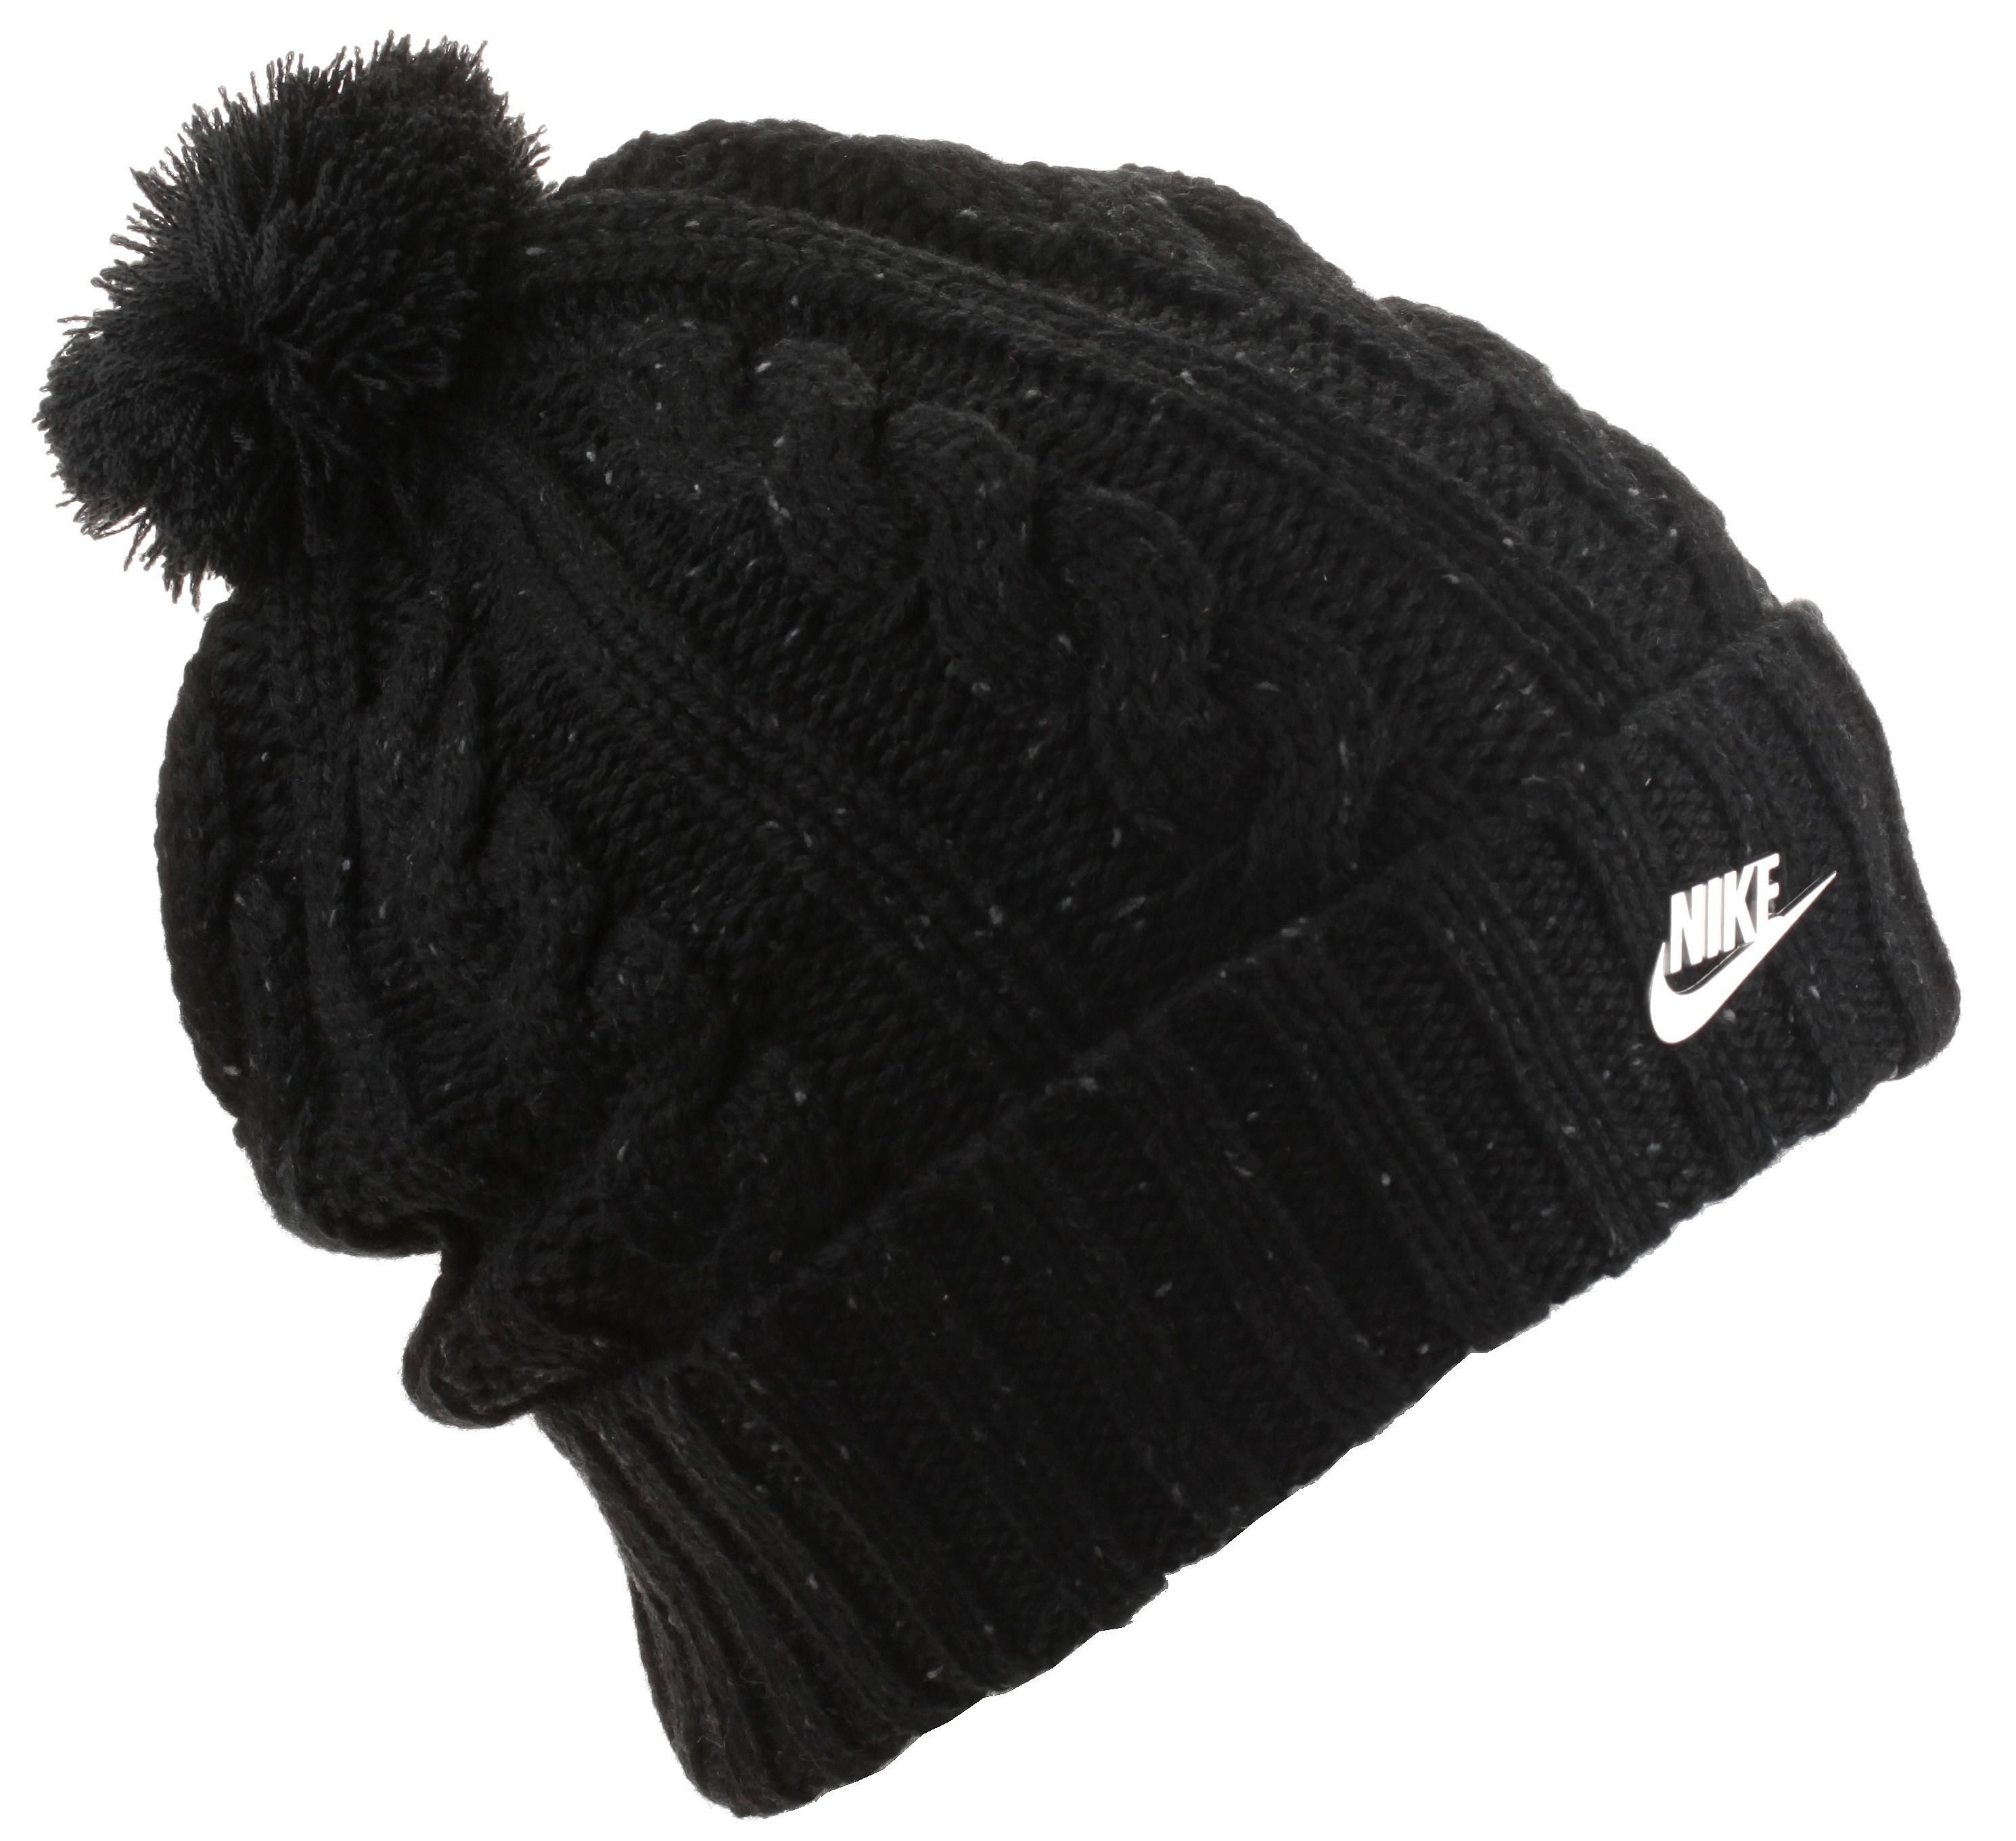 čepice Nike Sportswear - 010 Black Cool Gray Metallic Silver one size 2654de29d7